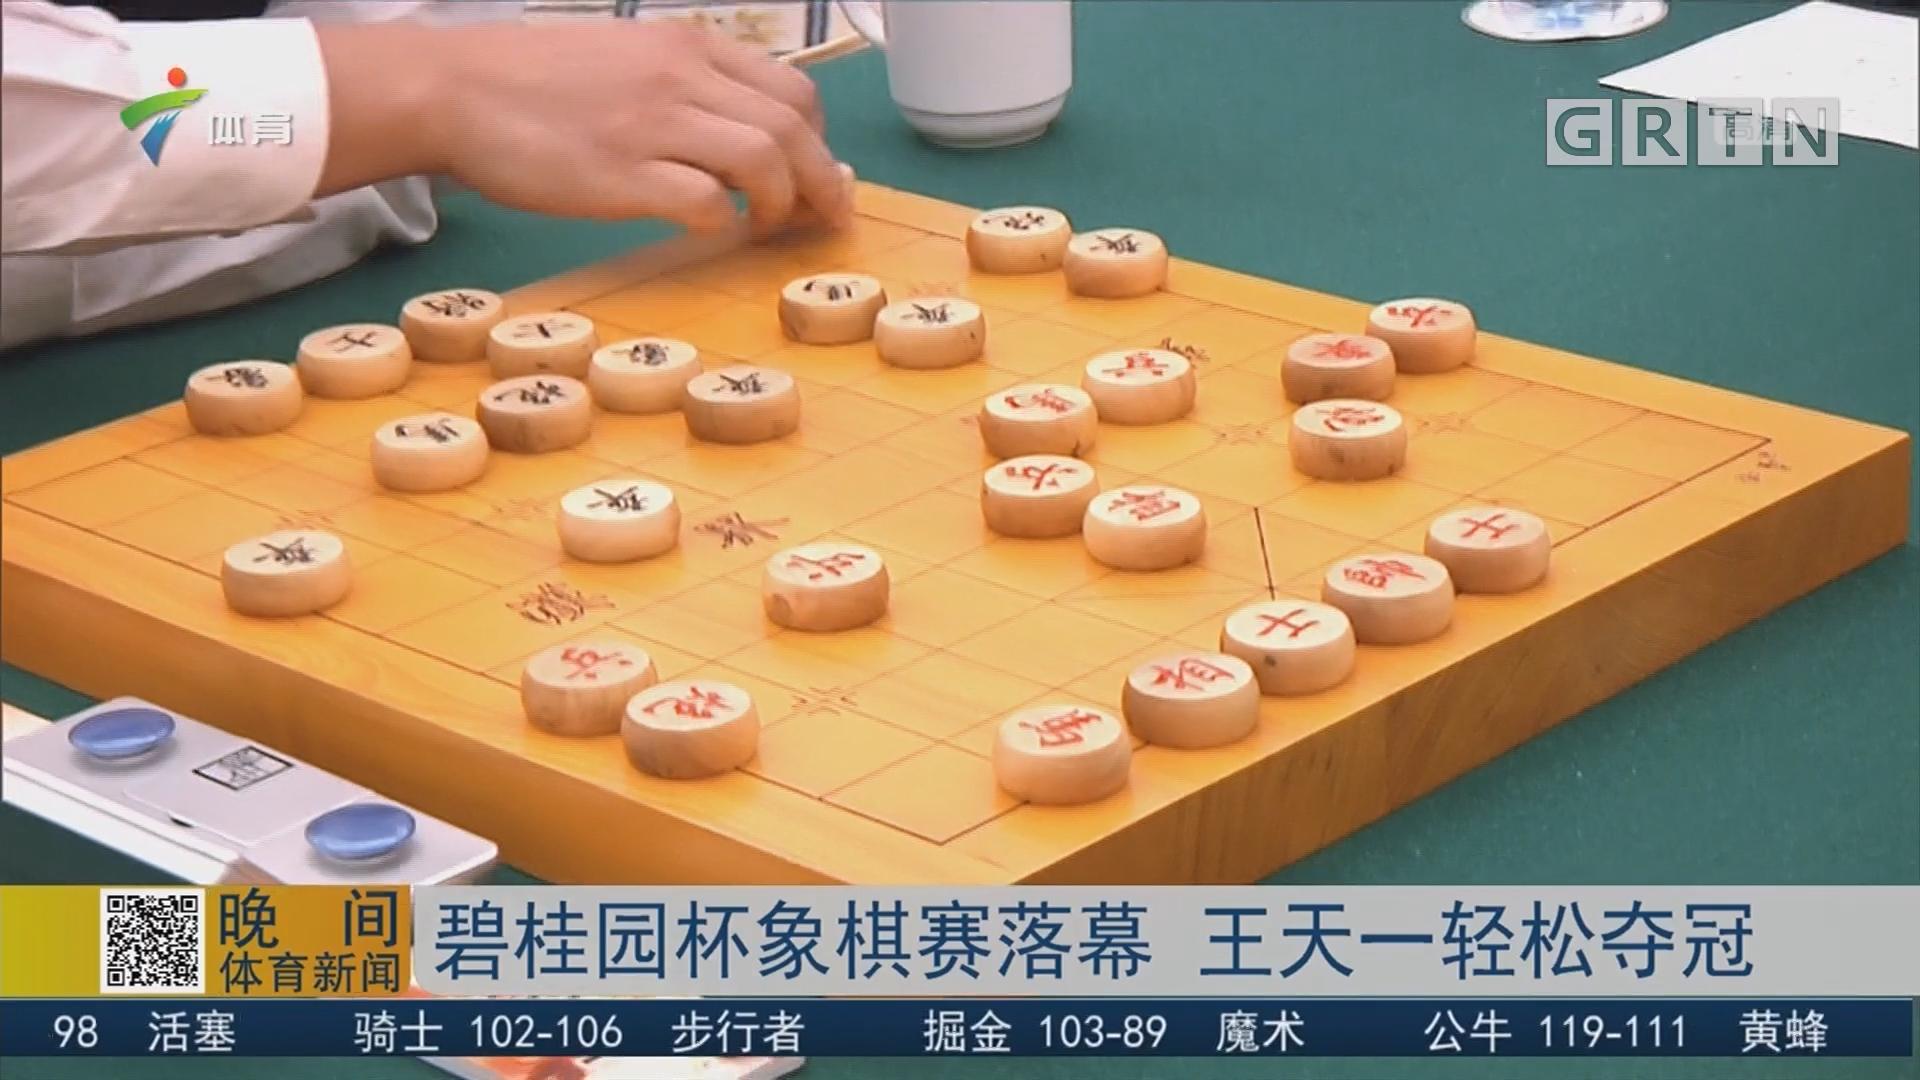 碧桂园杯象棋赛落幕 王天一轻松夺冠